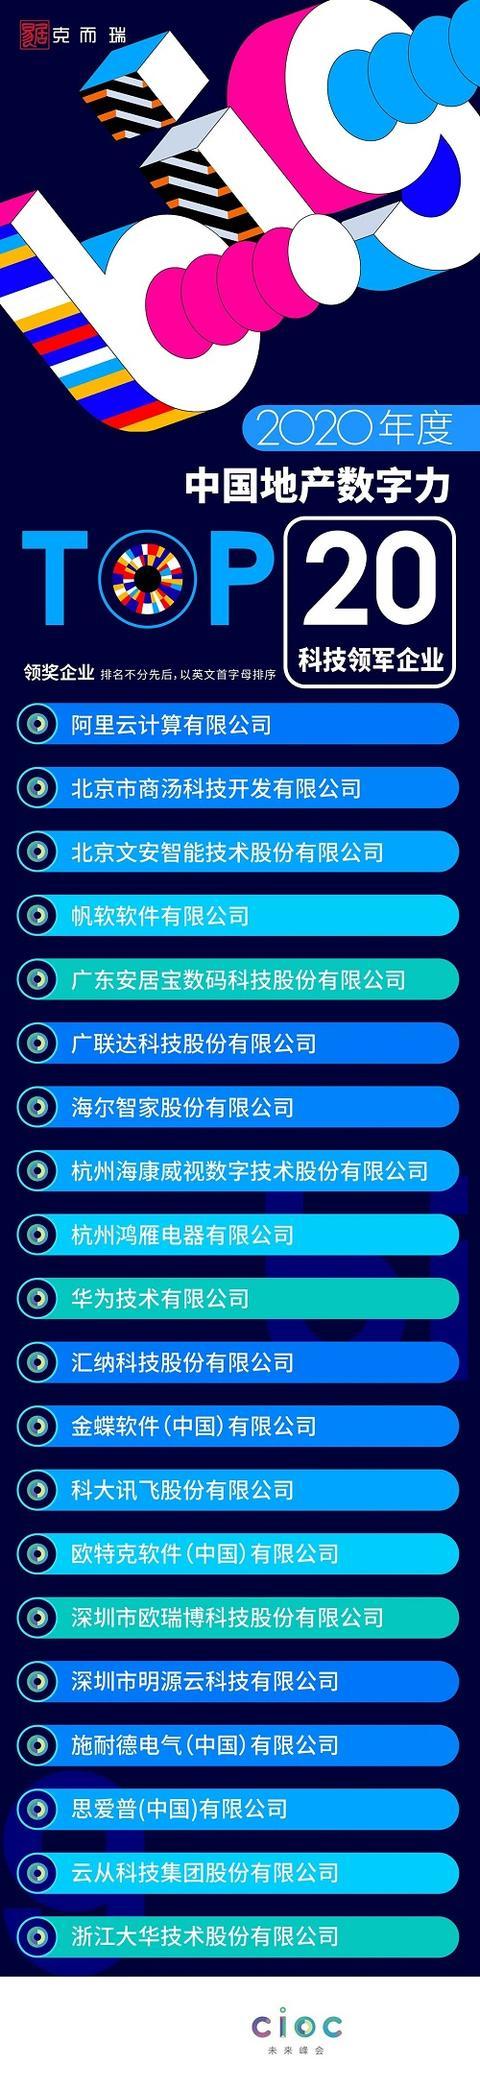 匯納科技獲評「中國地產數字力TOP20科技領軍企業」